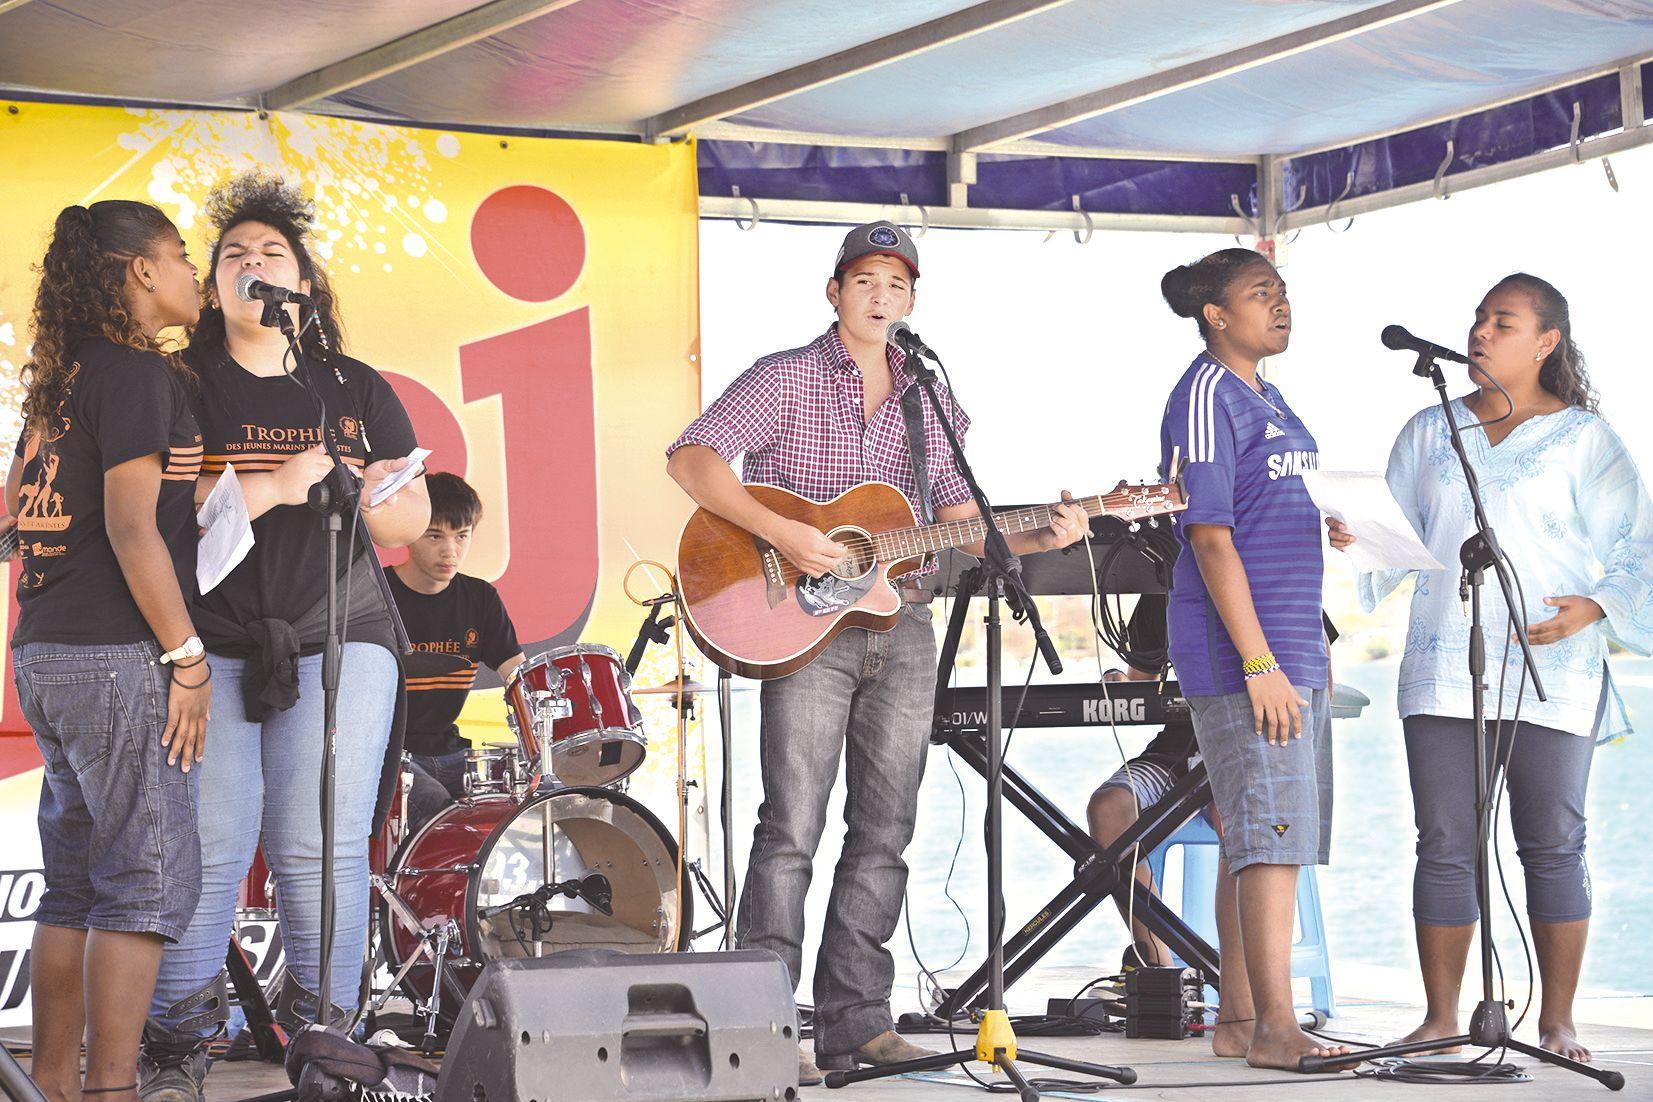 Pour les artistes des trois provinces, la compétition est passée au second plan. Ils ont pris l'initiative de composer une chanson ensemble et de la présenter sur scène. Un régal.